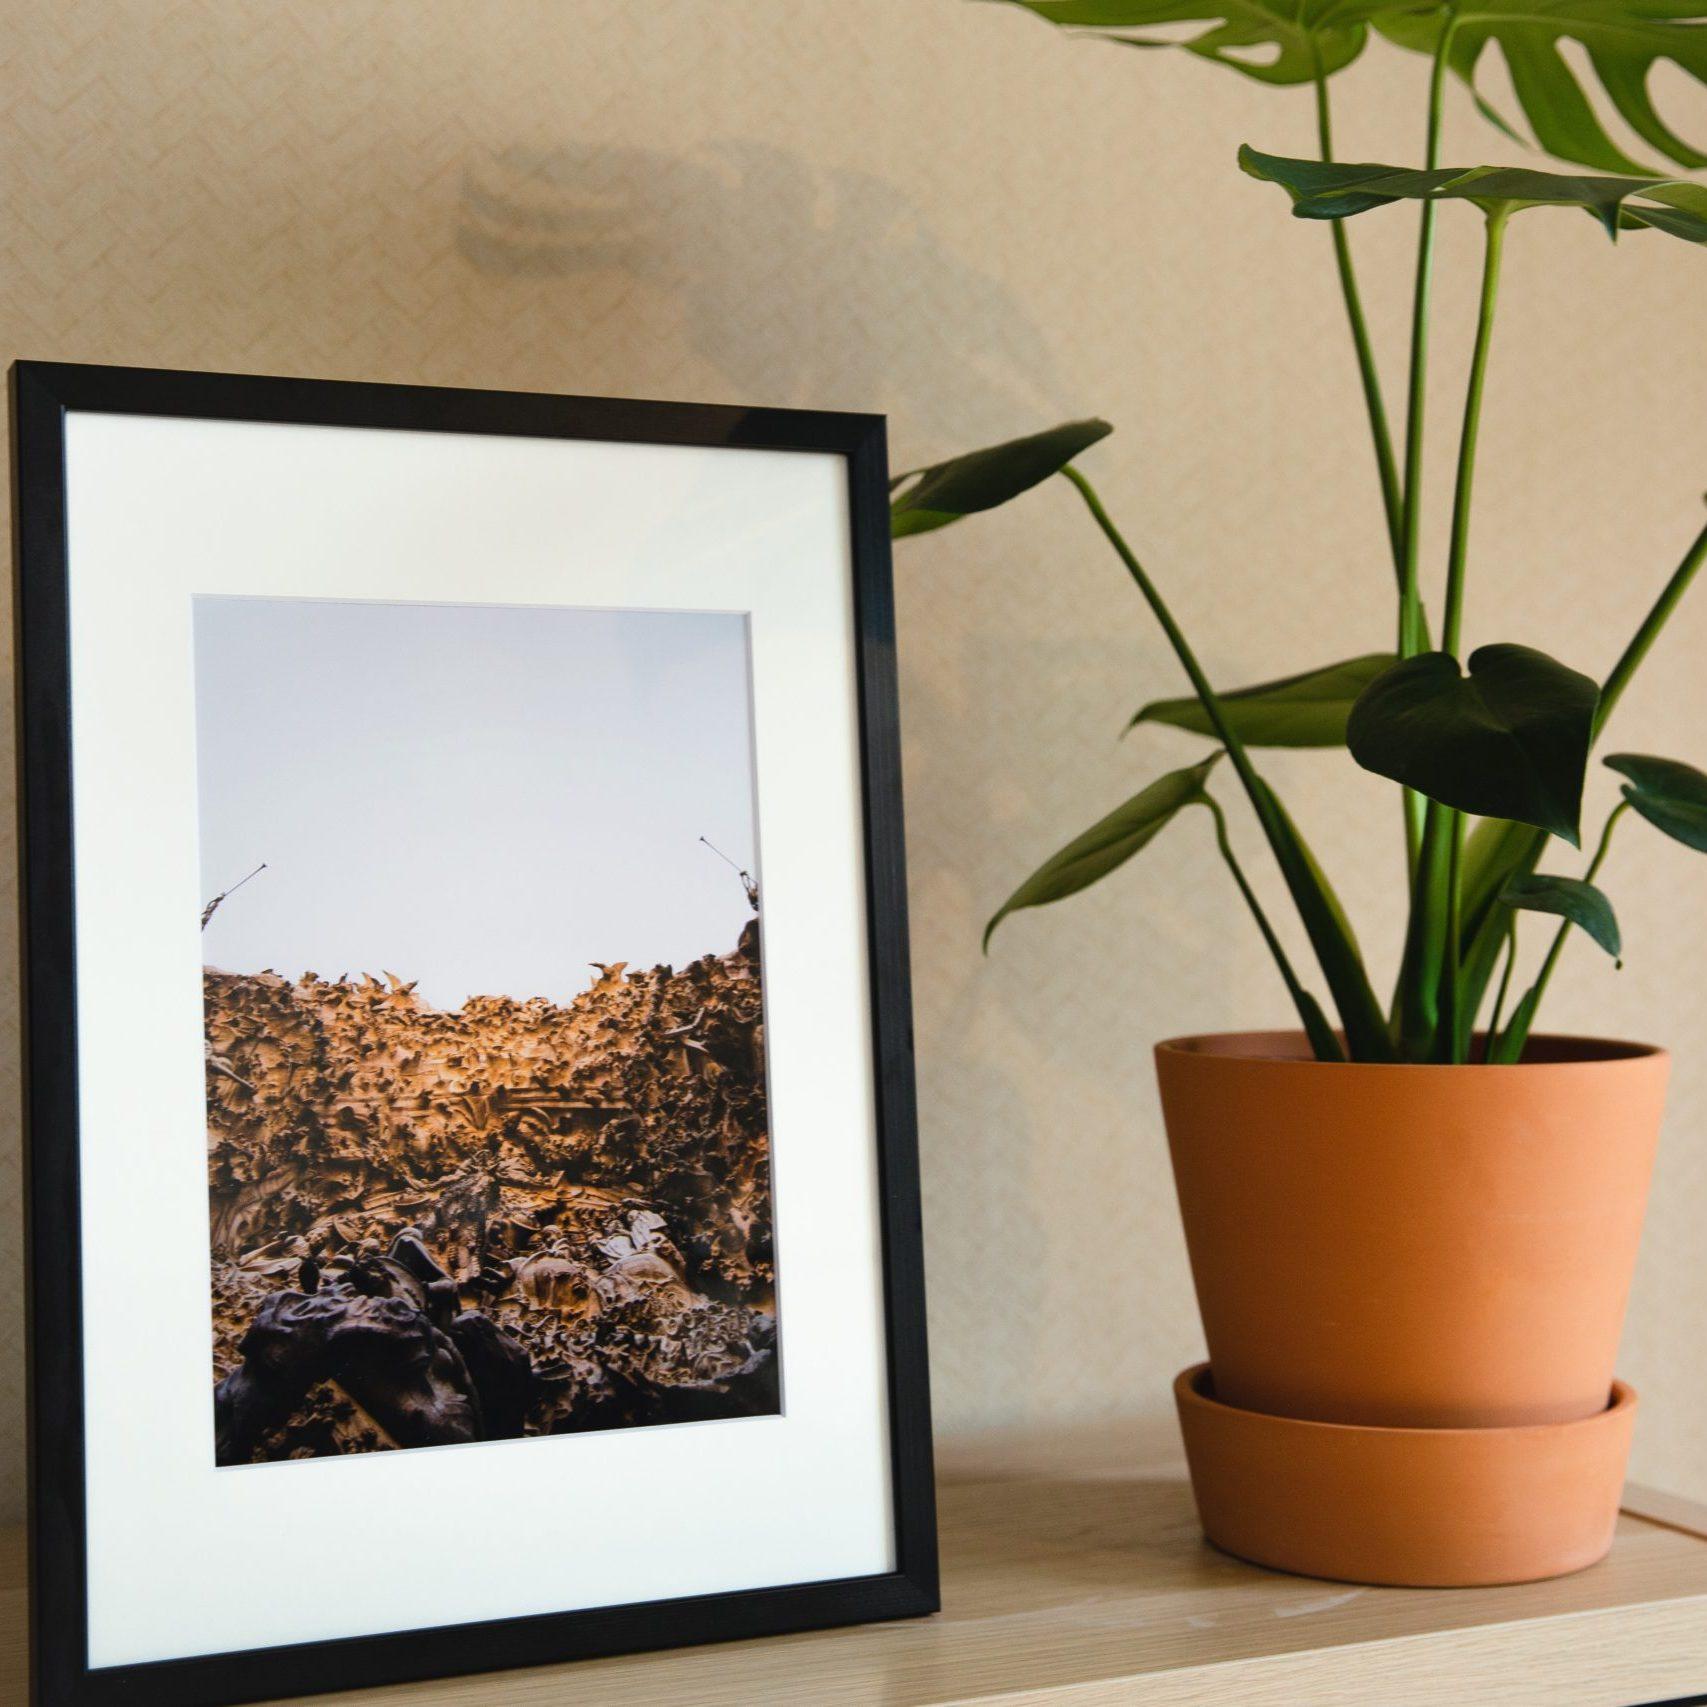 Installez des photos ou des peintures sur vos murs pour vous inspirer et méditer